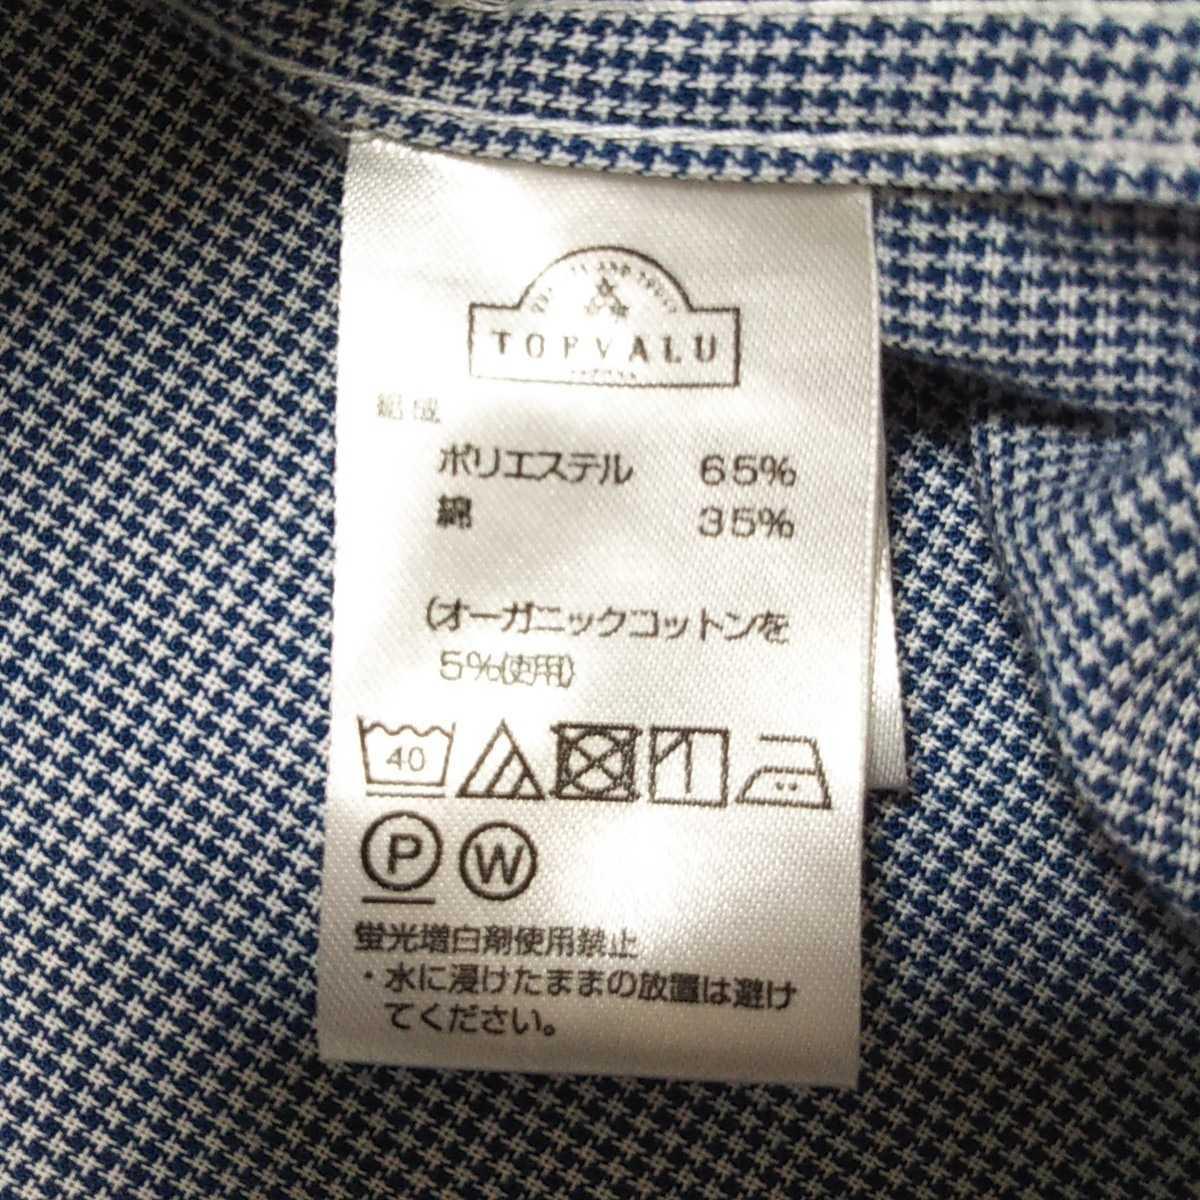 ☆1~2度使用☆イオン トップバリュー スマートスタンダード メンズ 長袖シャツ Mサイズ 爽やか 千鳥柄 ネイビー 紺×白 胸ポケット _画像9